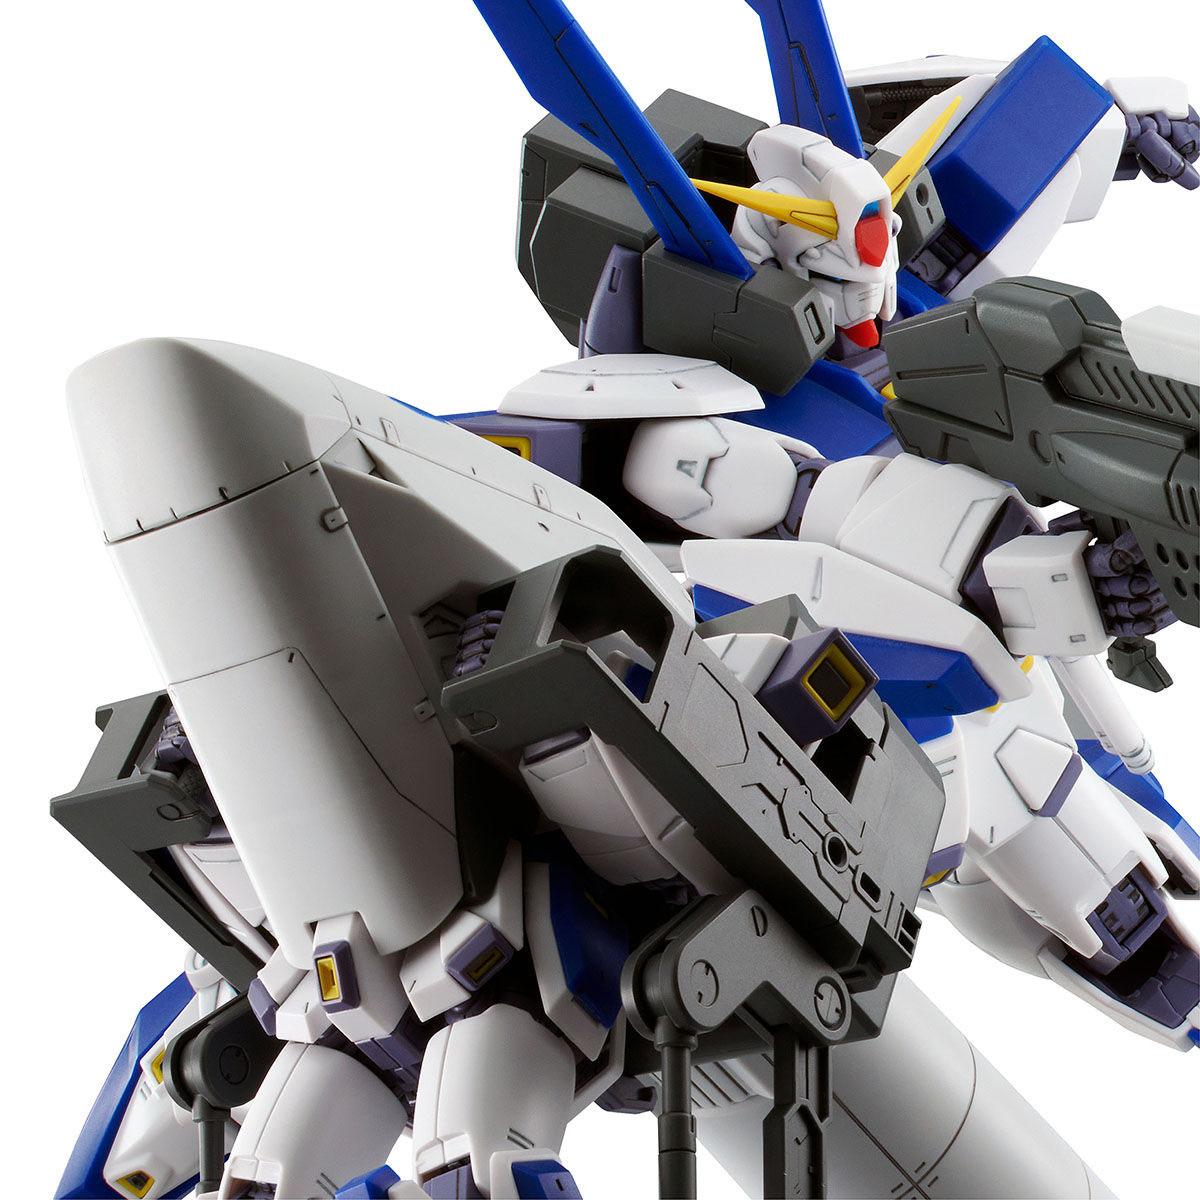 【限定販売】MG 1/100『ガンダムF90用 ミッションパック Oタイプ&Uタイプ』プラモデル-010